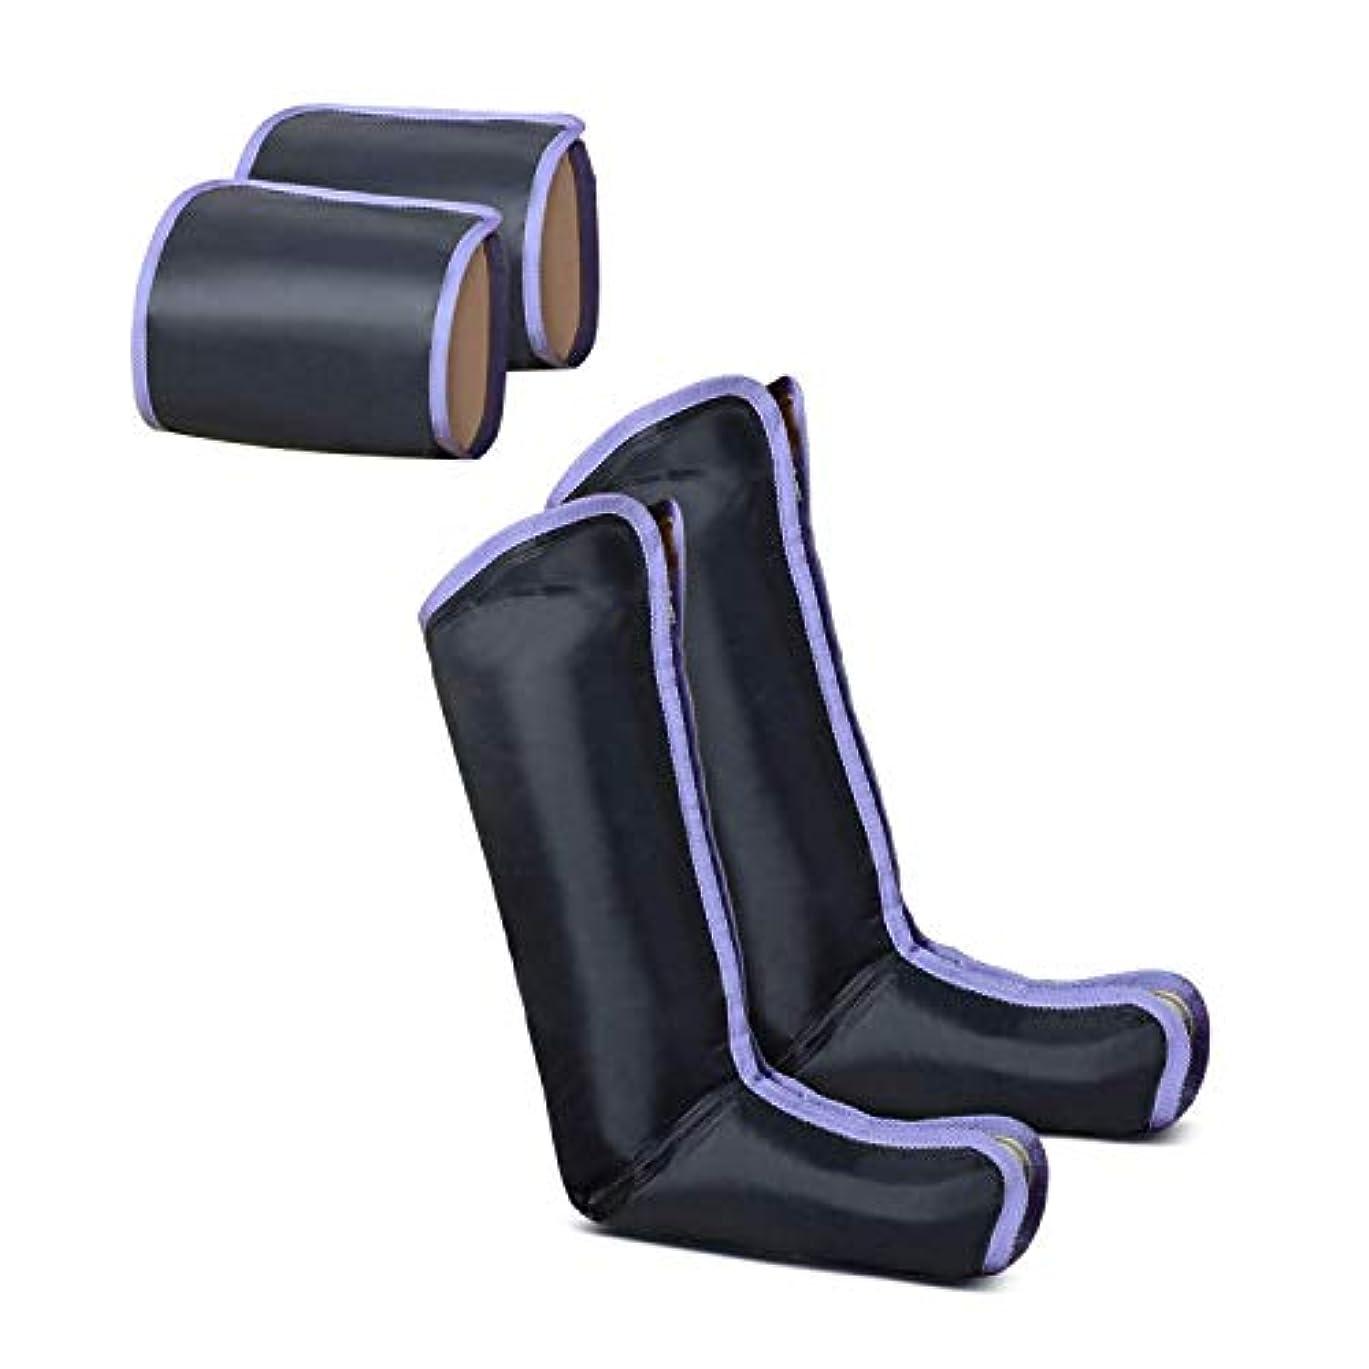 リラックスした賭け調べるSOLIN エアーマッサージャー 電気マッサージ機 ひざ 太もも対応 血行の促進